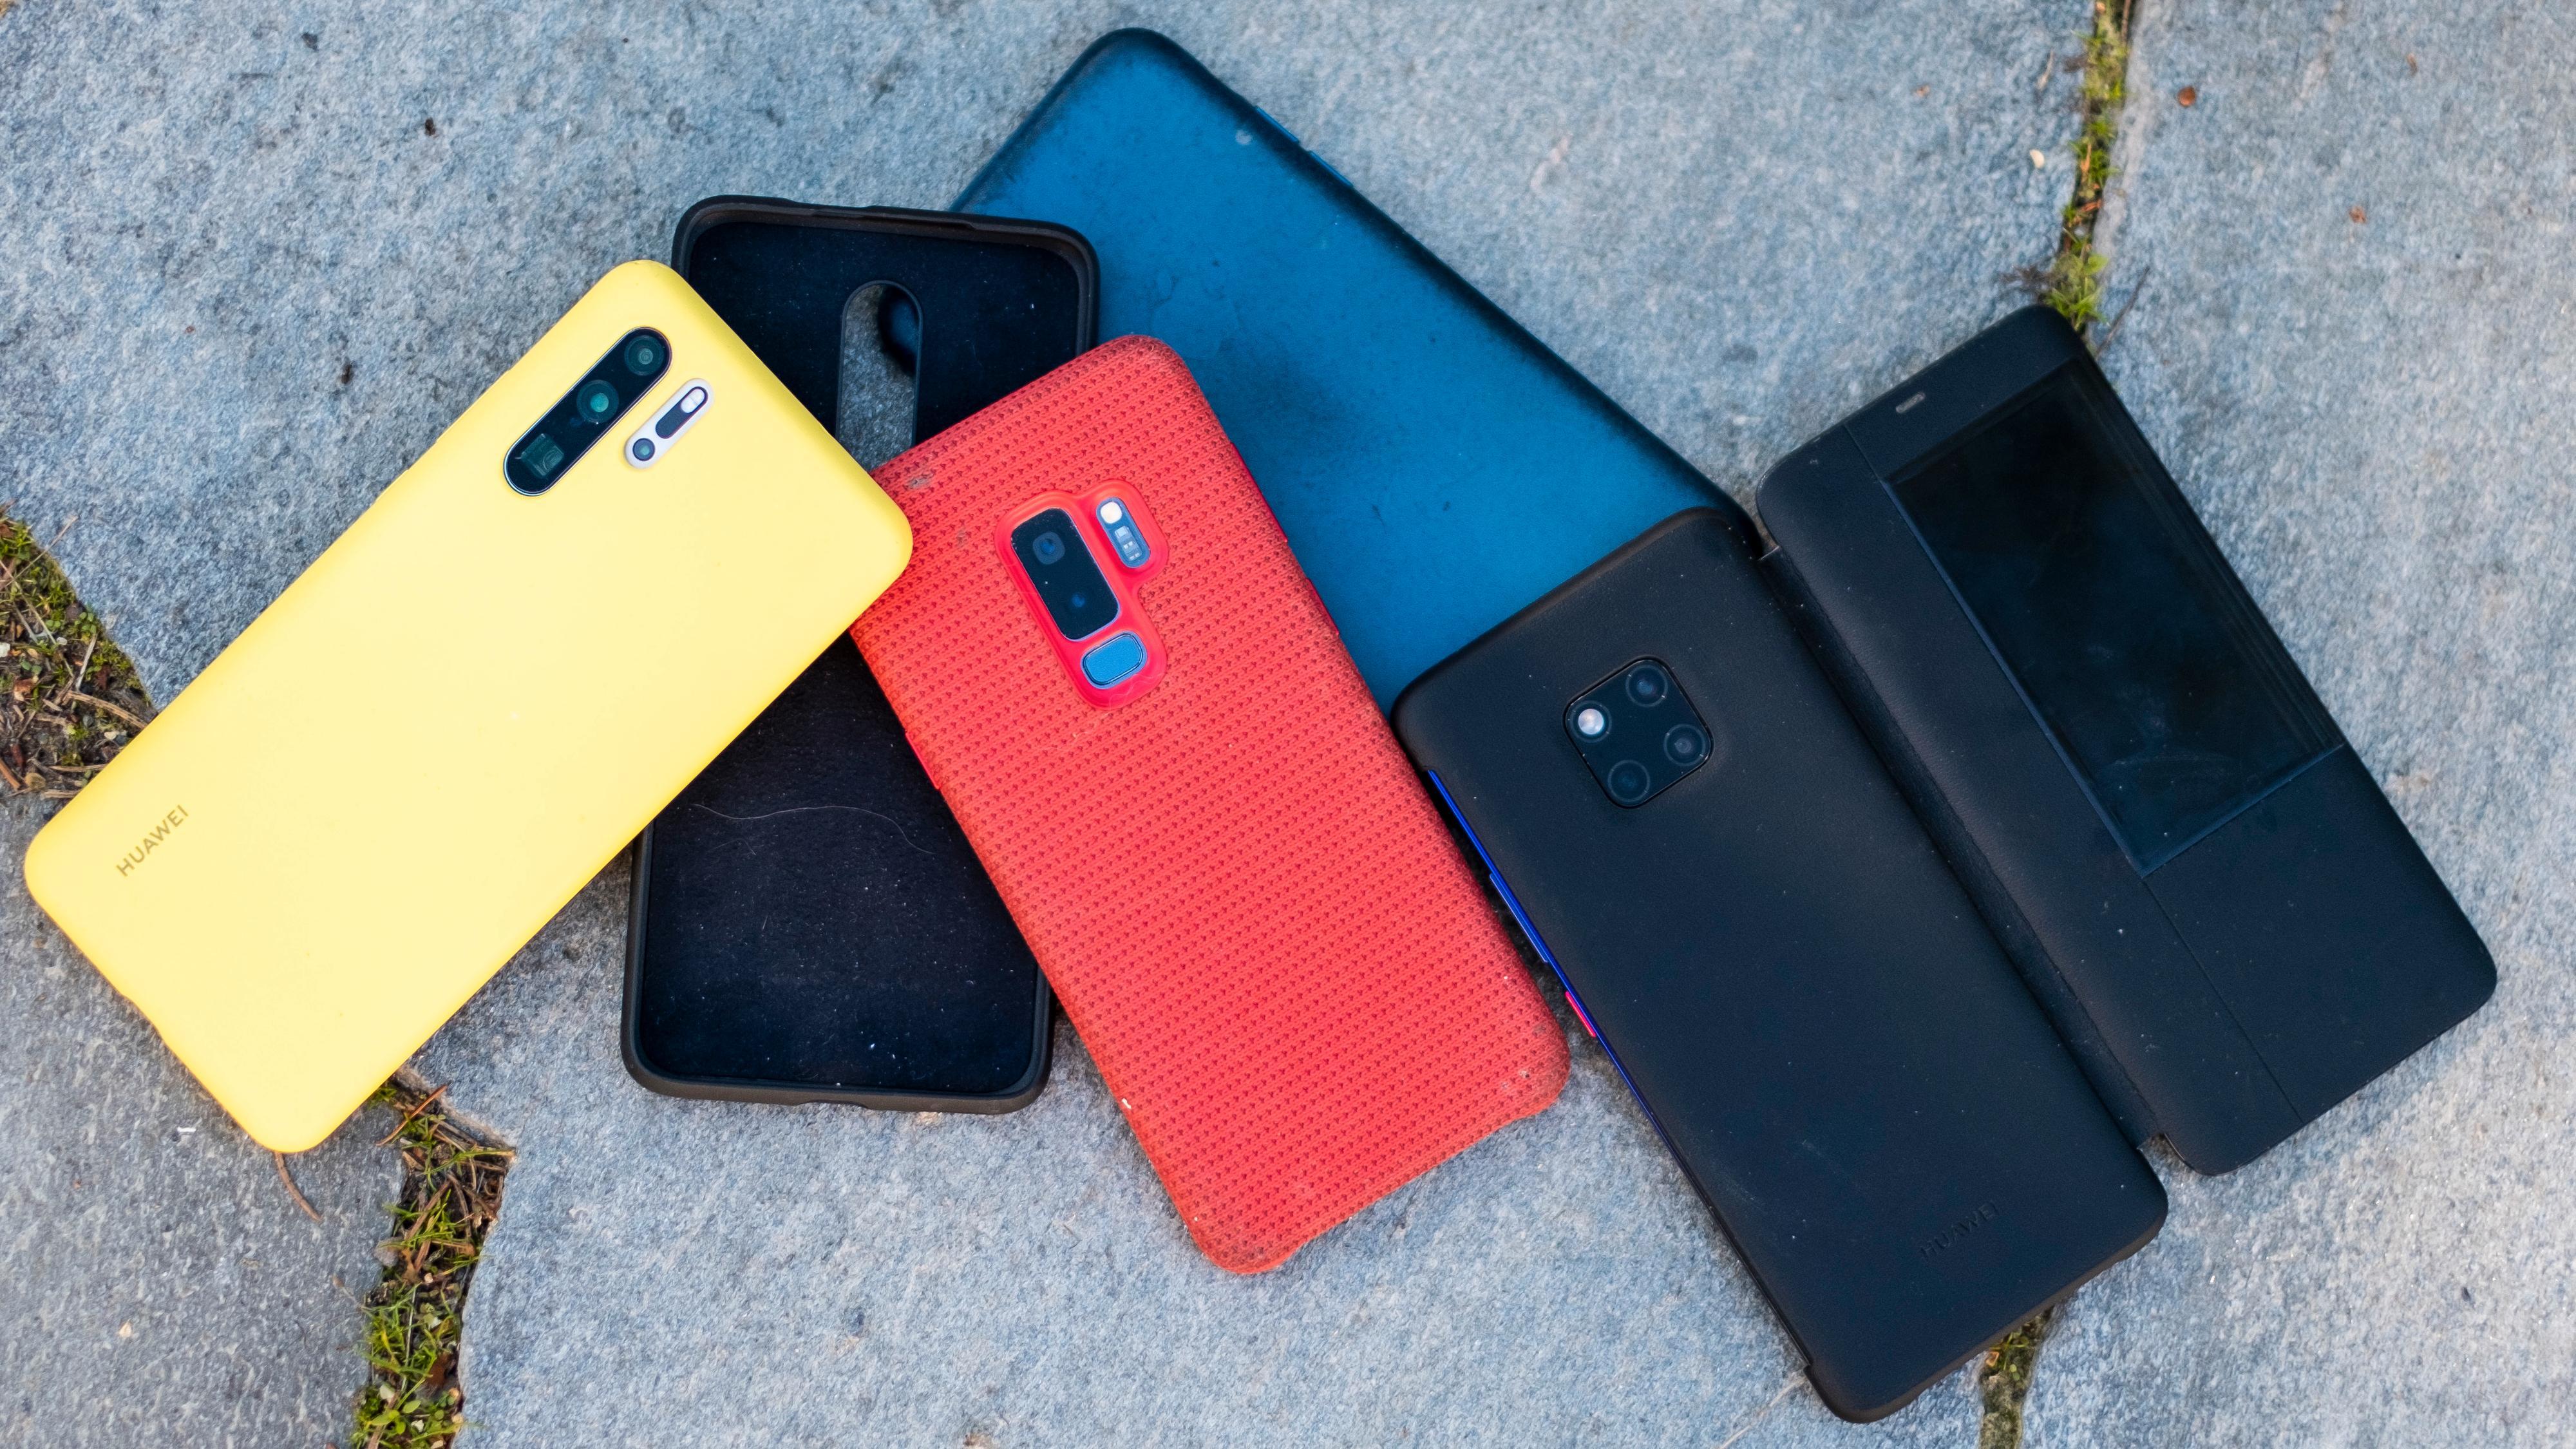 Alle disse telefonene er forholdsvis flotte å se på, men spiller det noen rolle når designen er gjemt bort inni deksler?